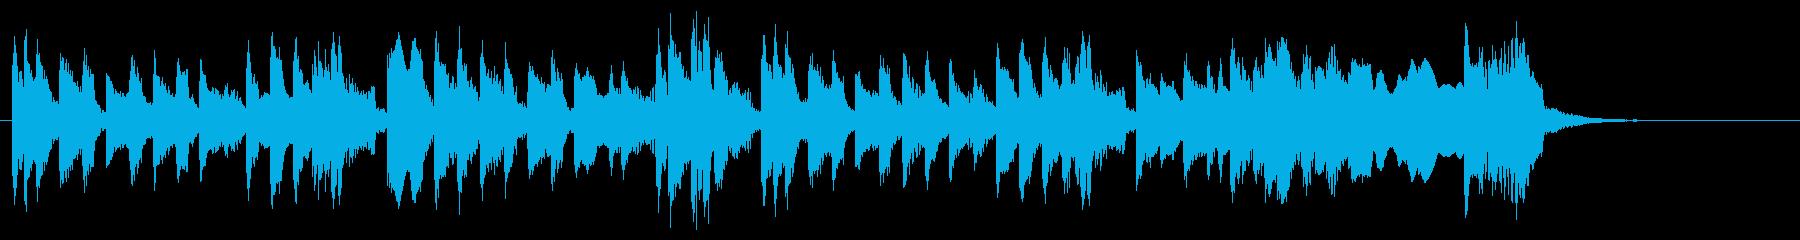 カエル/行進/かわいい/マリンバ/ペットの再生済みの波形